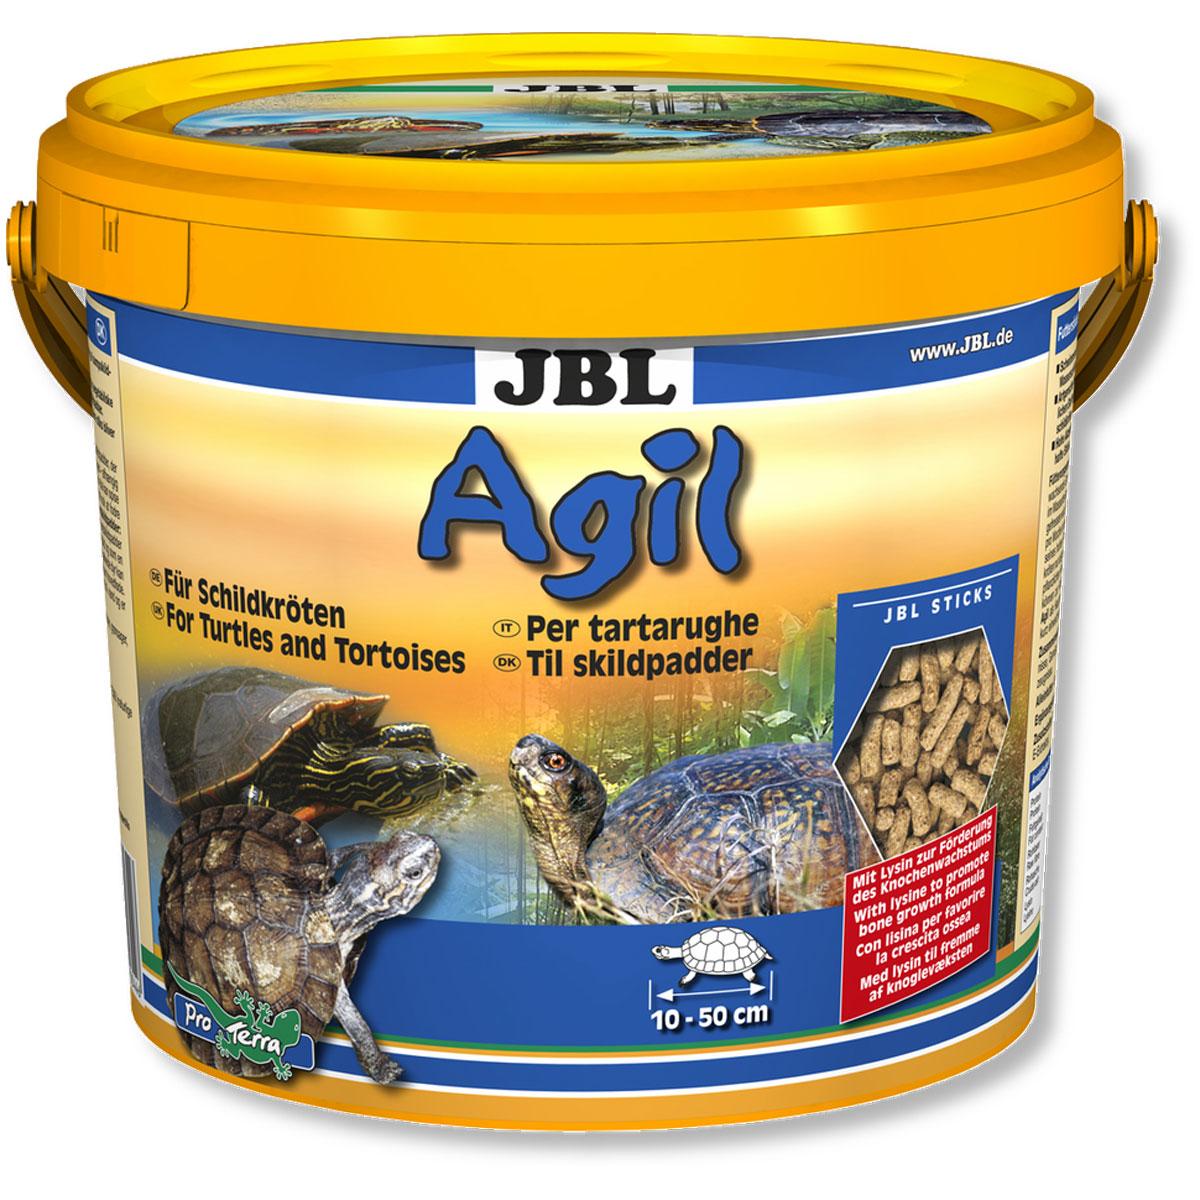 Корм питательный JBL Agil для черепах, в форме палочек, 2,5 л (1000 г)JBL7034400JBL Agil представляет собой корм, богатый питательными веществами, и содержит лизин для роста костной системы. Высокое содержание рыбьего белка и удобная форма корма делают его чрезвычайно популярным у черепах. Корм богат протеинами из рыб и креветок, благодаря чему очень эффективен в применении.Оснащен антиоксидантом Е 306 (натур. Витамин Е- экстракт).Содержание витаминов в 1000 г: Витамин А 25.000 i.E, витамин D3 2.000 i.E, витамин Е 330 мг., витамин С (стаб) 400 мг.Процентное соотношение питательных элементов: белки - 40%, жиры - 7%, клетчатка - 0,5%, зола - 8%, лизин - 2,3%. Товар сертифицирован.